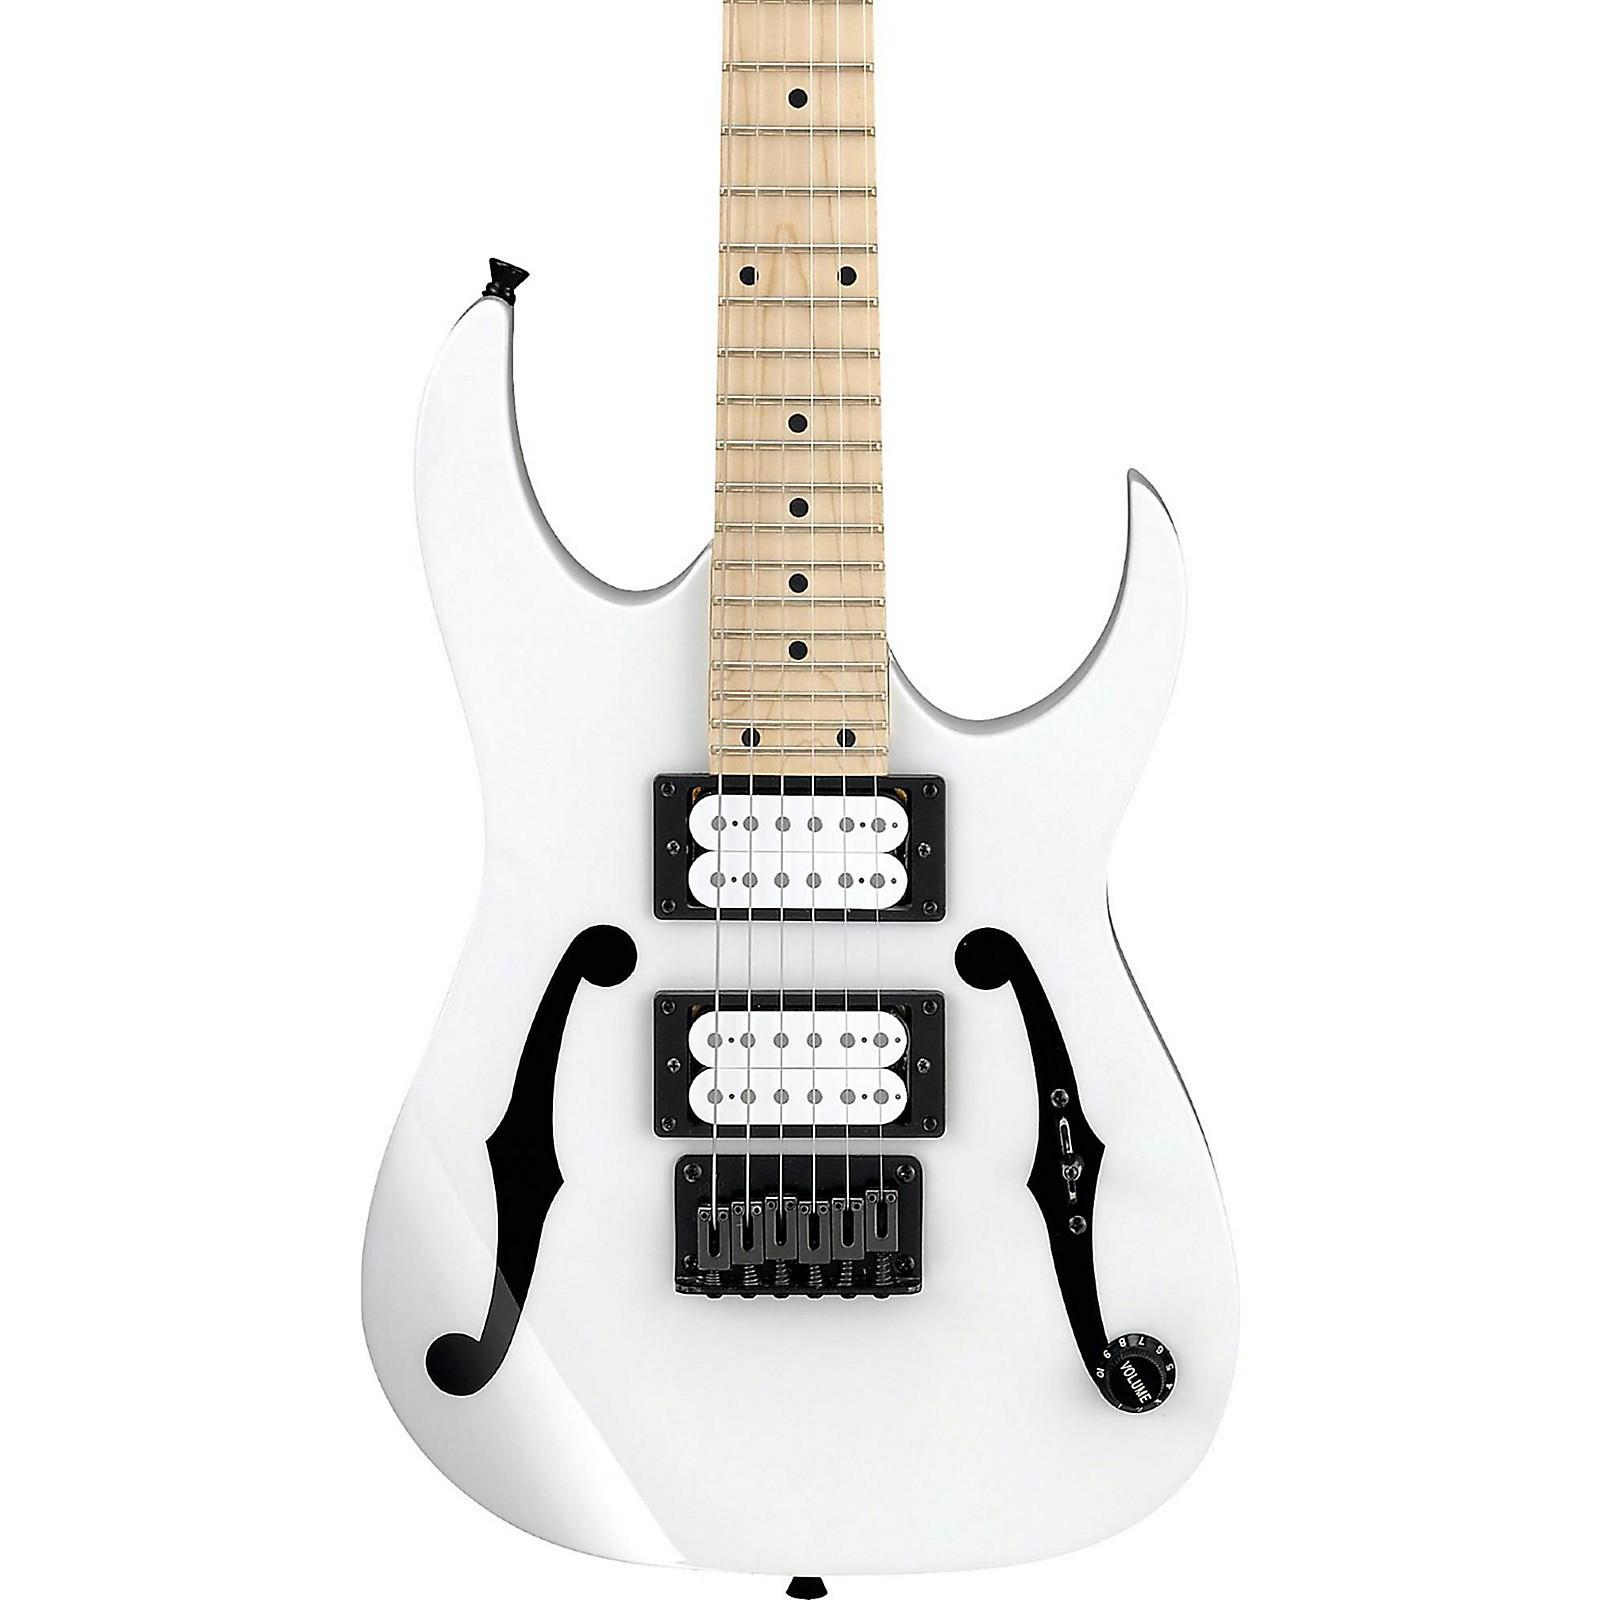 Ibanez Paul Gilbert Signature miKro electric guitar